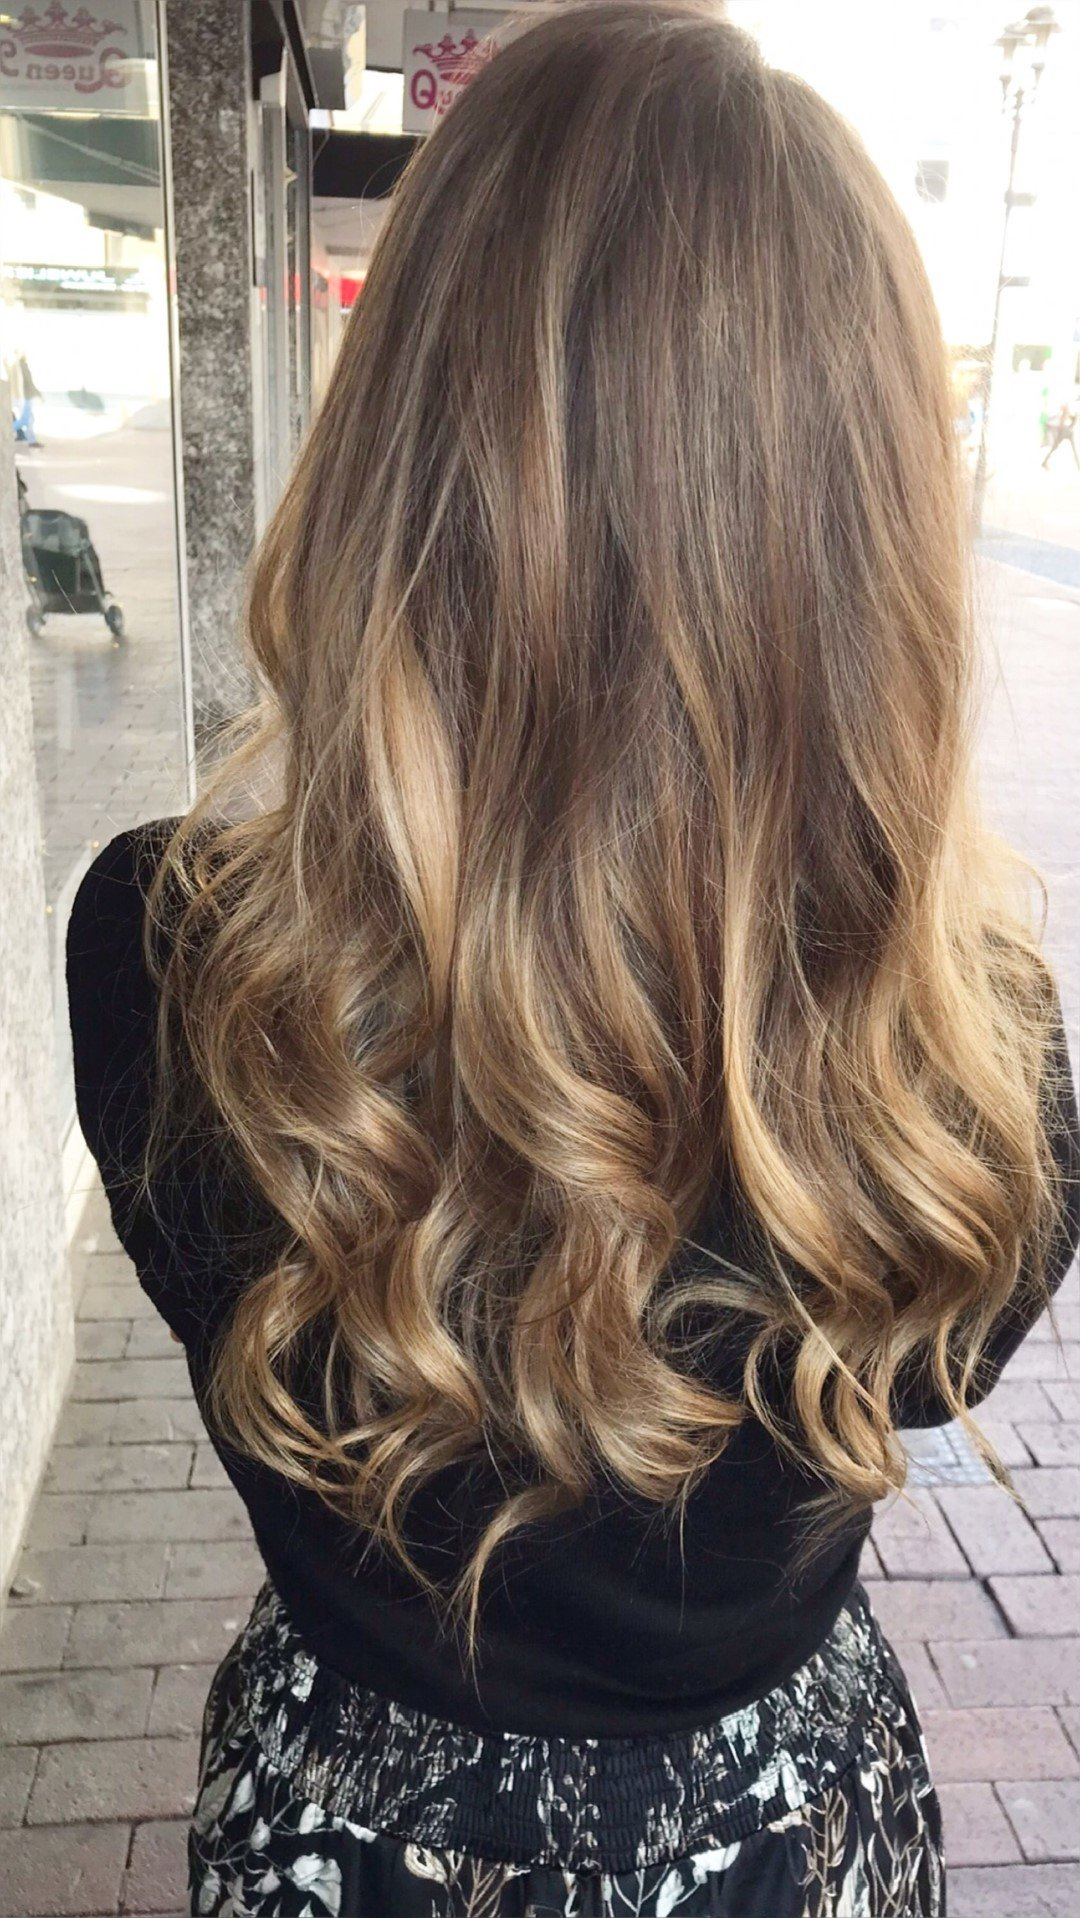 Palm Hair Friseur Hamburg